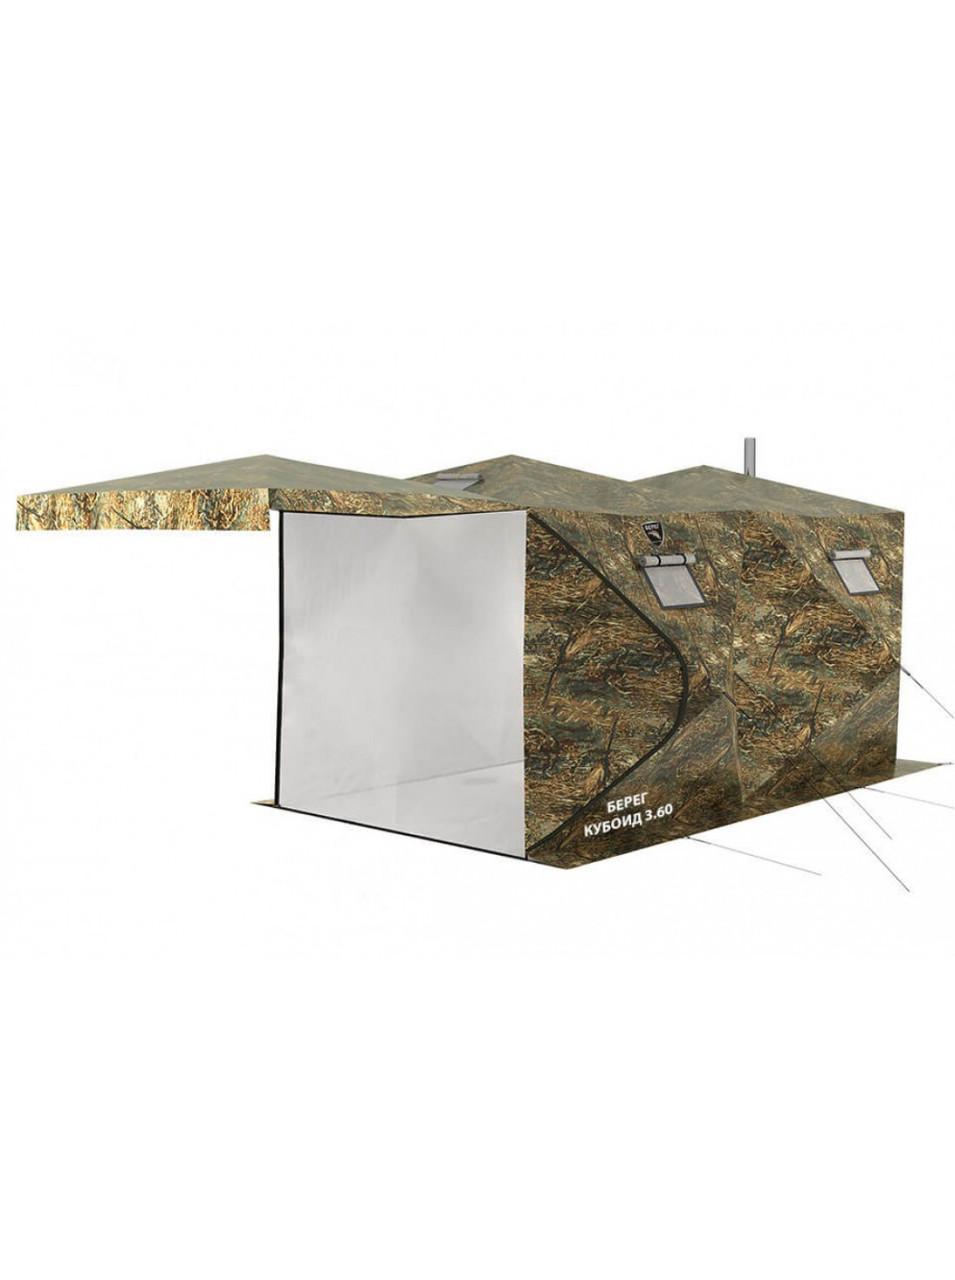 Палатка всесезонная Берег Кубоид 3.60 двухслойная, непромокаемый пол из ПВХ размер 3,6 x 1,8 x 1,9 м - фото 8